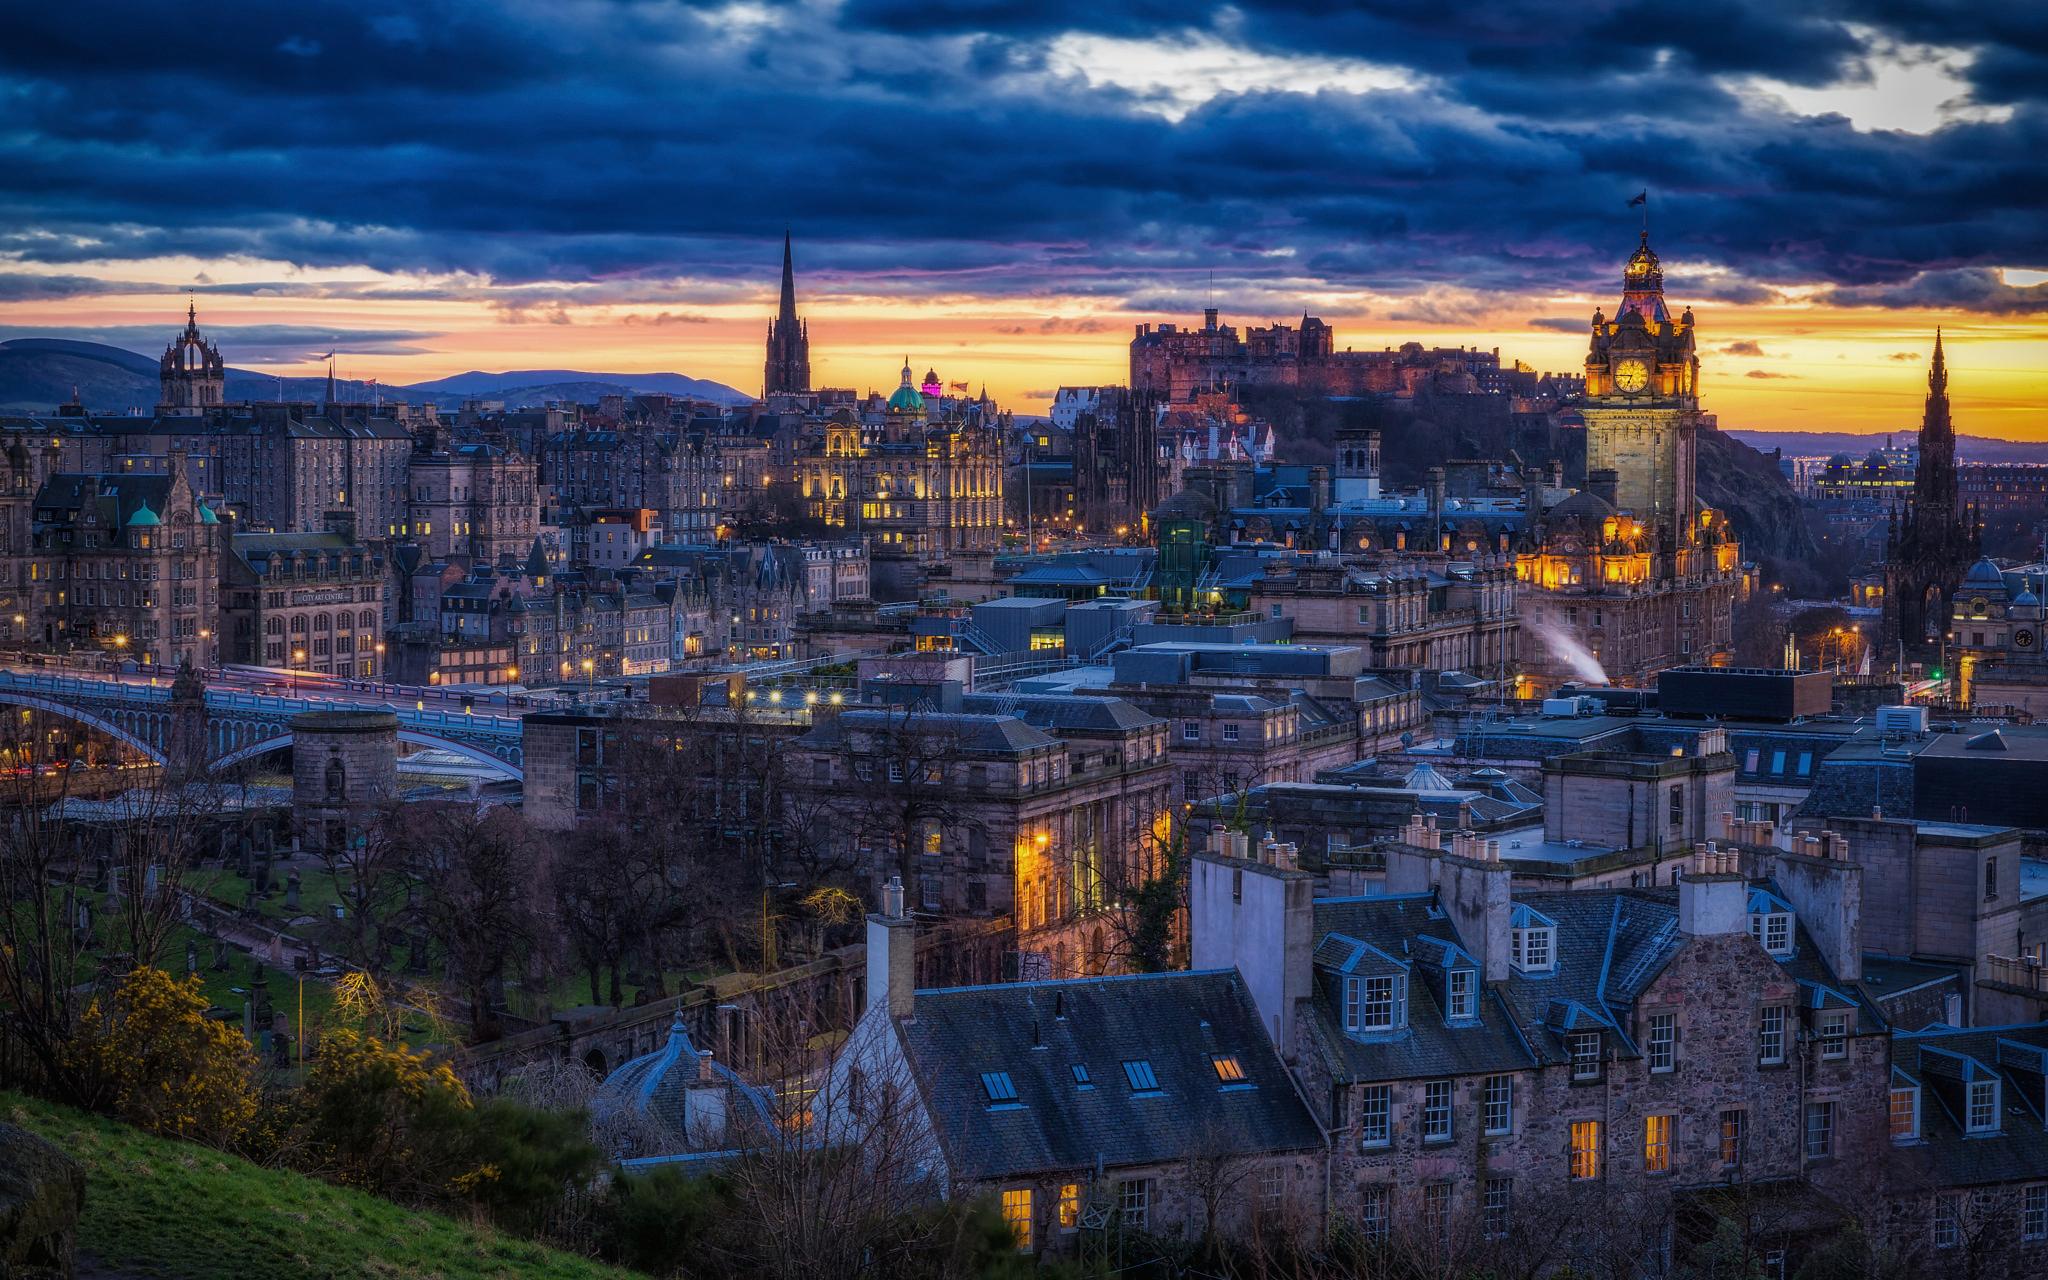 Обои Шотландия, эдинбург, маяк. Пейзажи foto 18